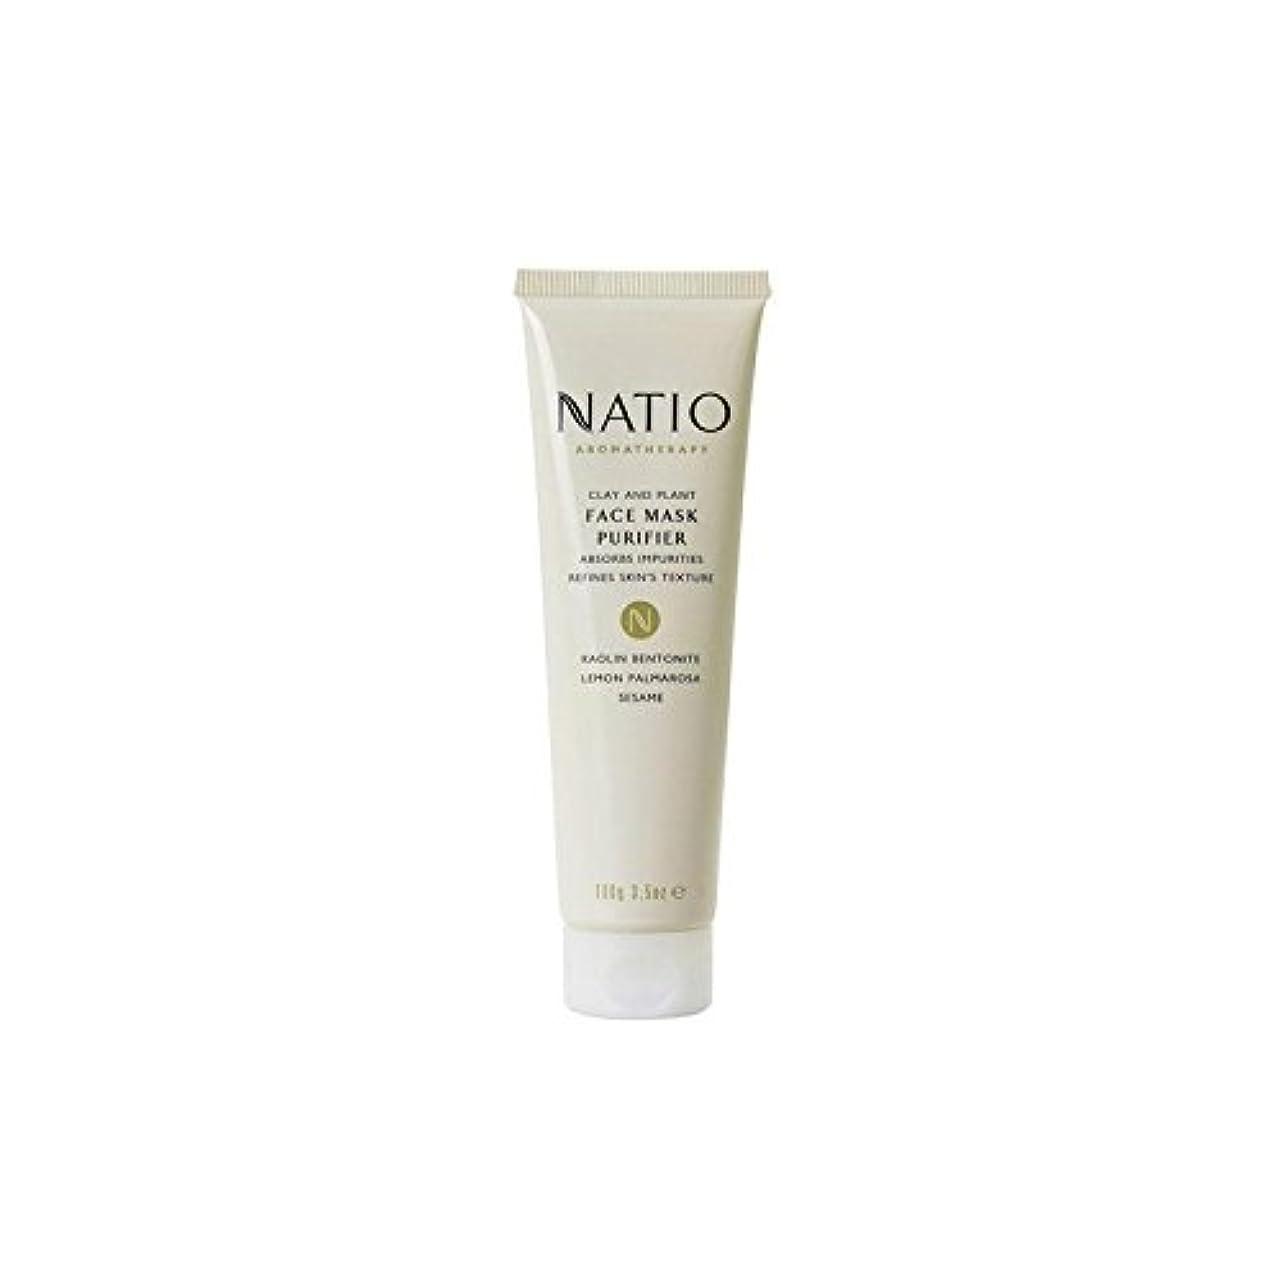 サイト排泄する蒸留Natio Clay & Plant Face Mask Purifier (100G) - 粘土&植物フェイスマスクの浄化(100グラム) [並行輸入品]